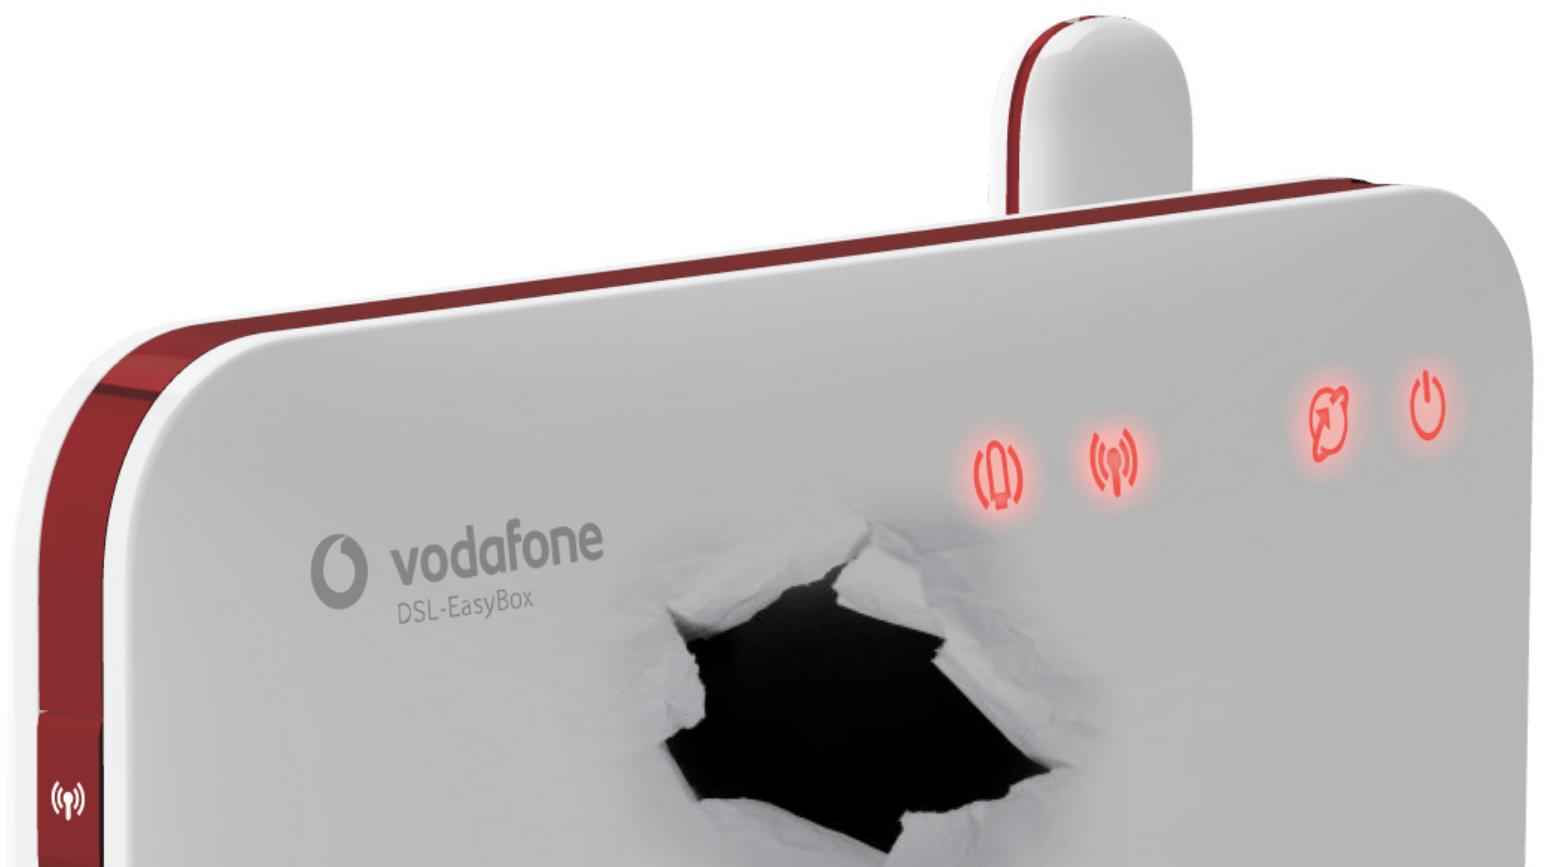 Akute Sicherheitslücke in Vodafone-Routern ist wieder offen